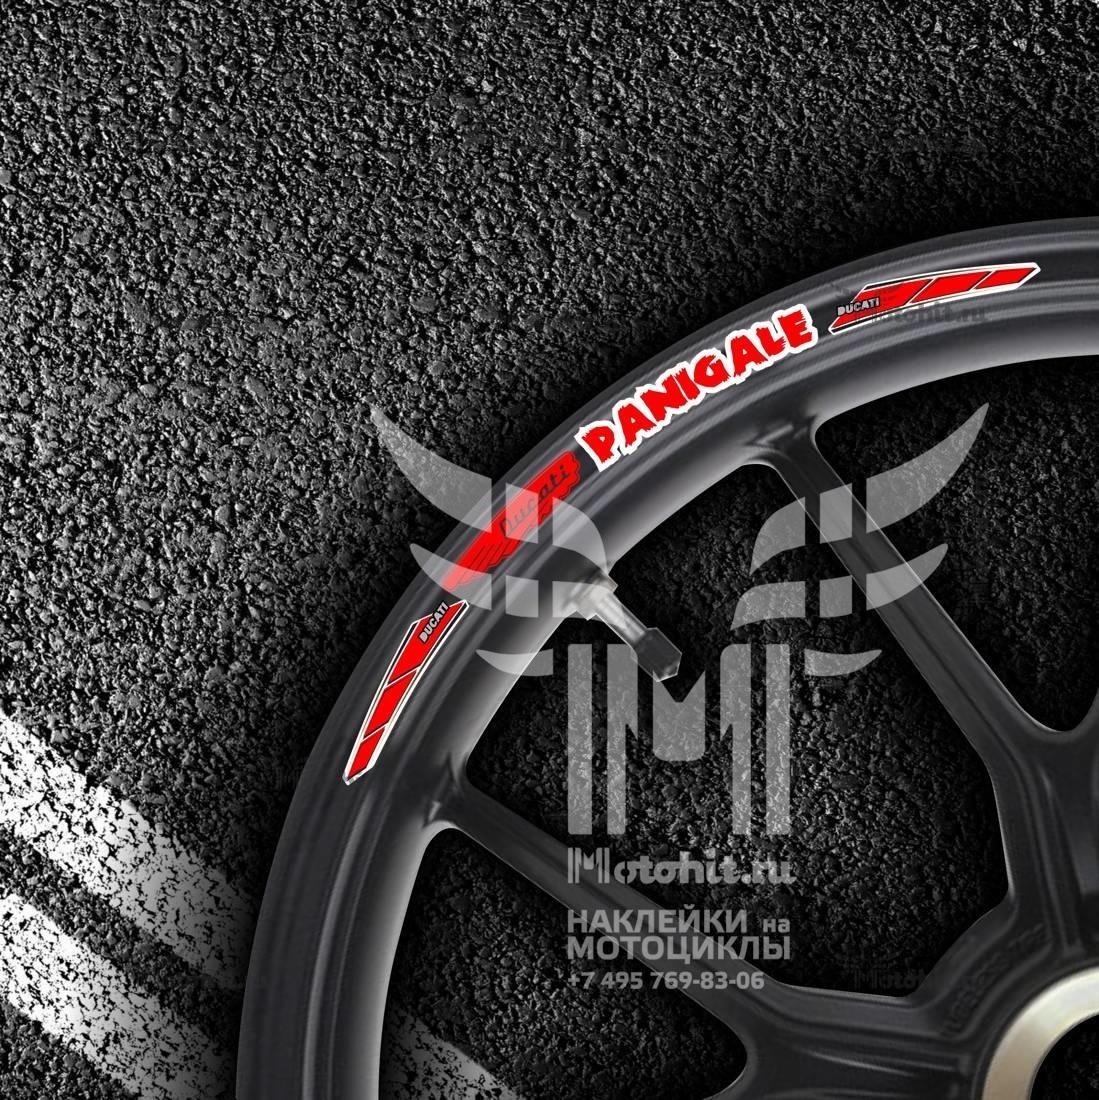 Комплект наклеек на обод колеса мотоцикла DUCATI PANIGALE